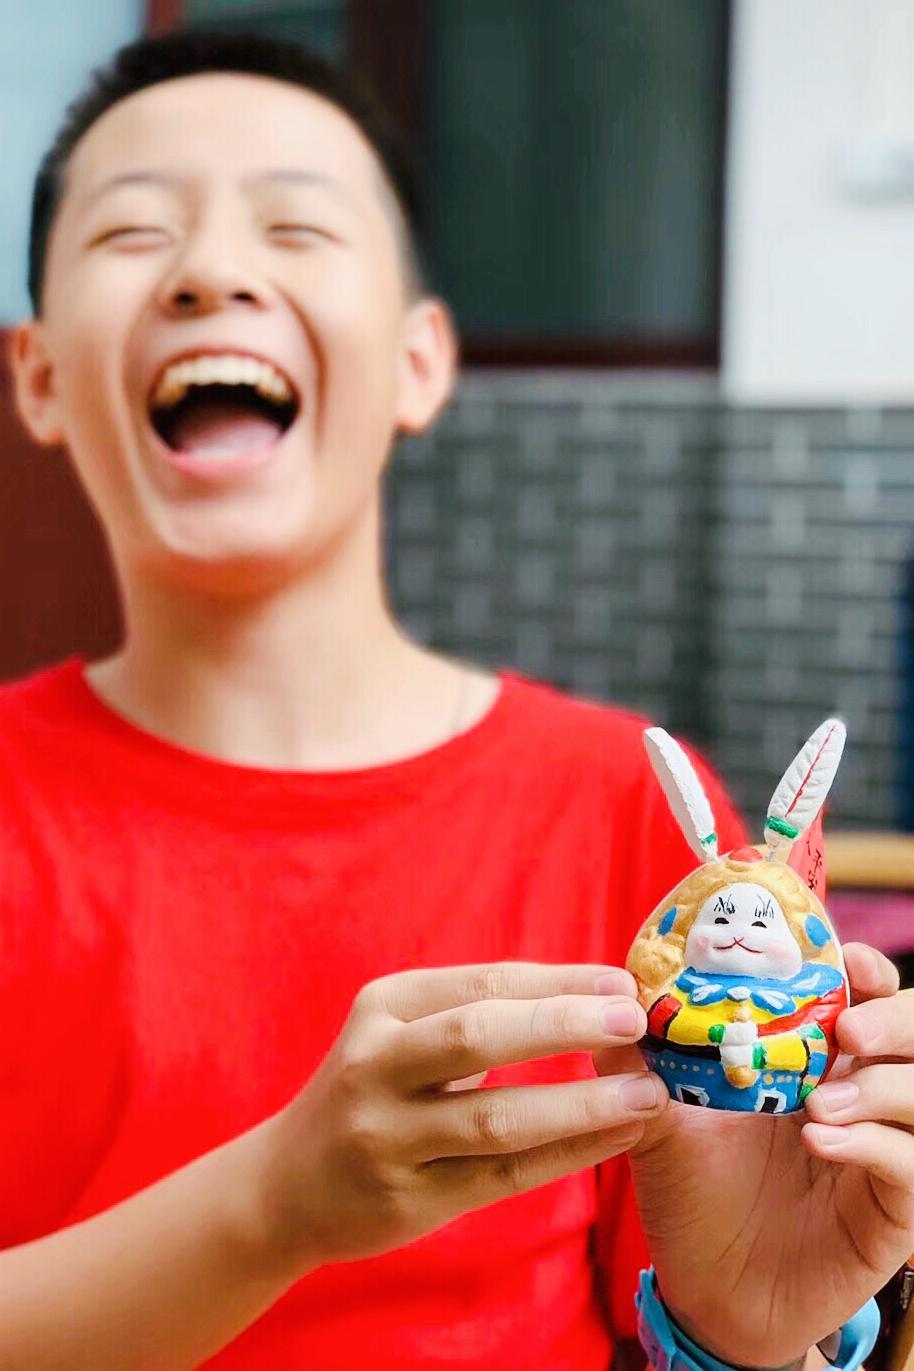 兔儿爷兼具神圣和世俗的品性,她既是神仙,也是玩具。